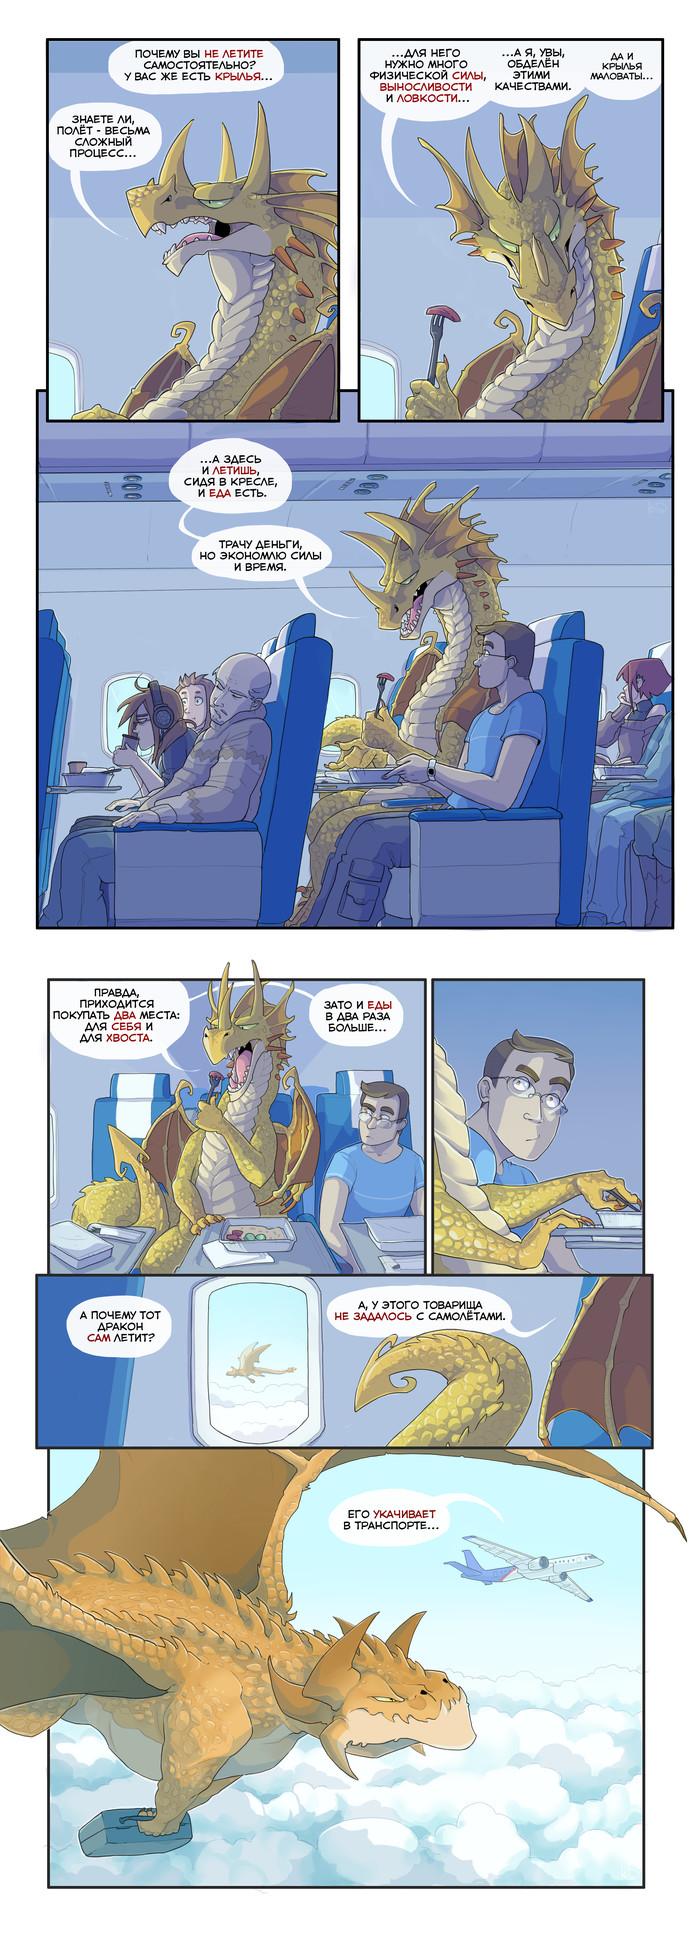 Драконы и самолёты. Koda, Комиксы, Дракон, Длиннопост, Полет, Самолет, Пассажиры